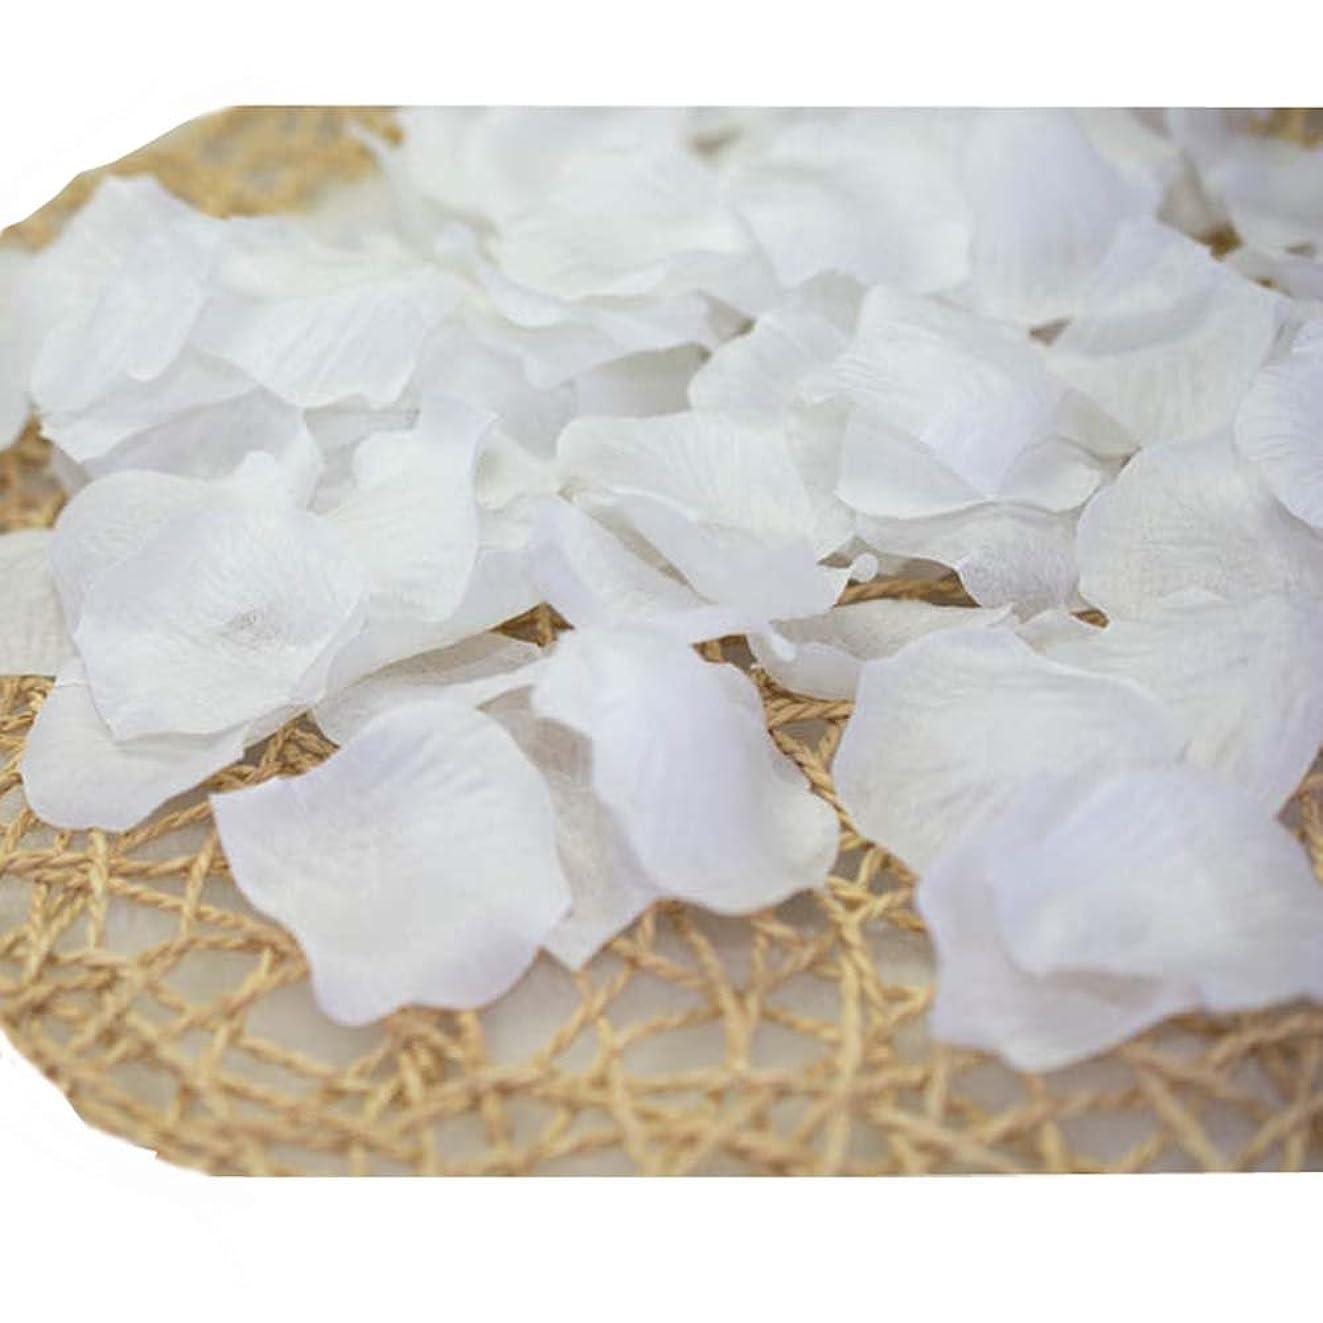 トン生き残り解釈的結婚式のための人工花びら白840のセット